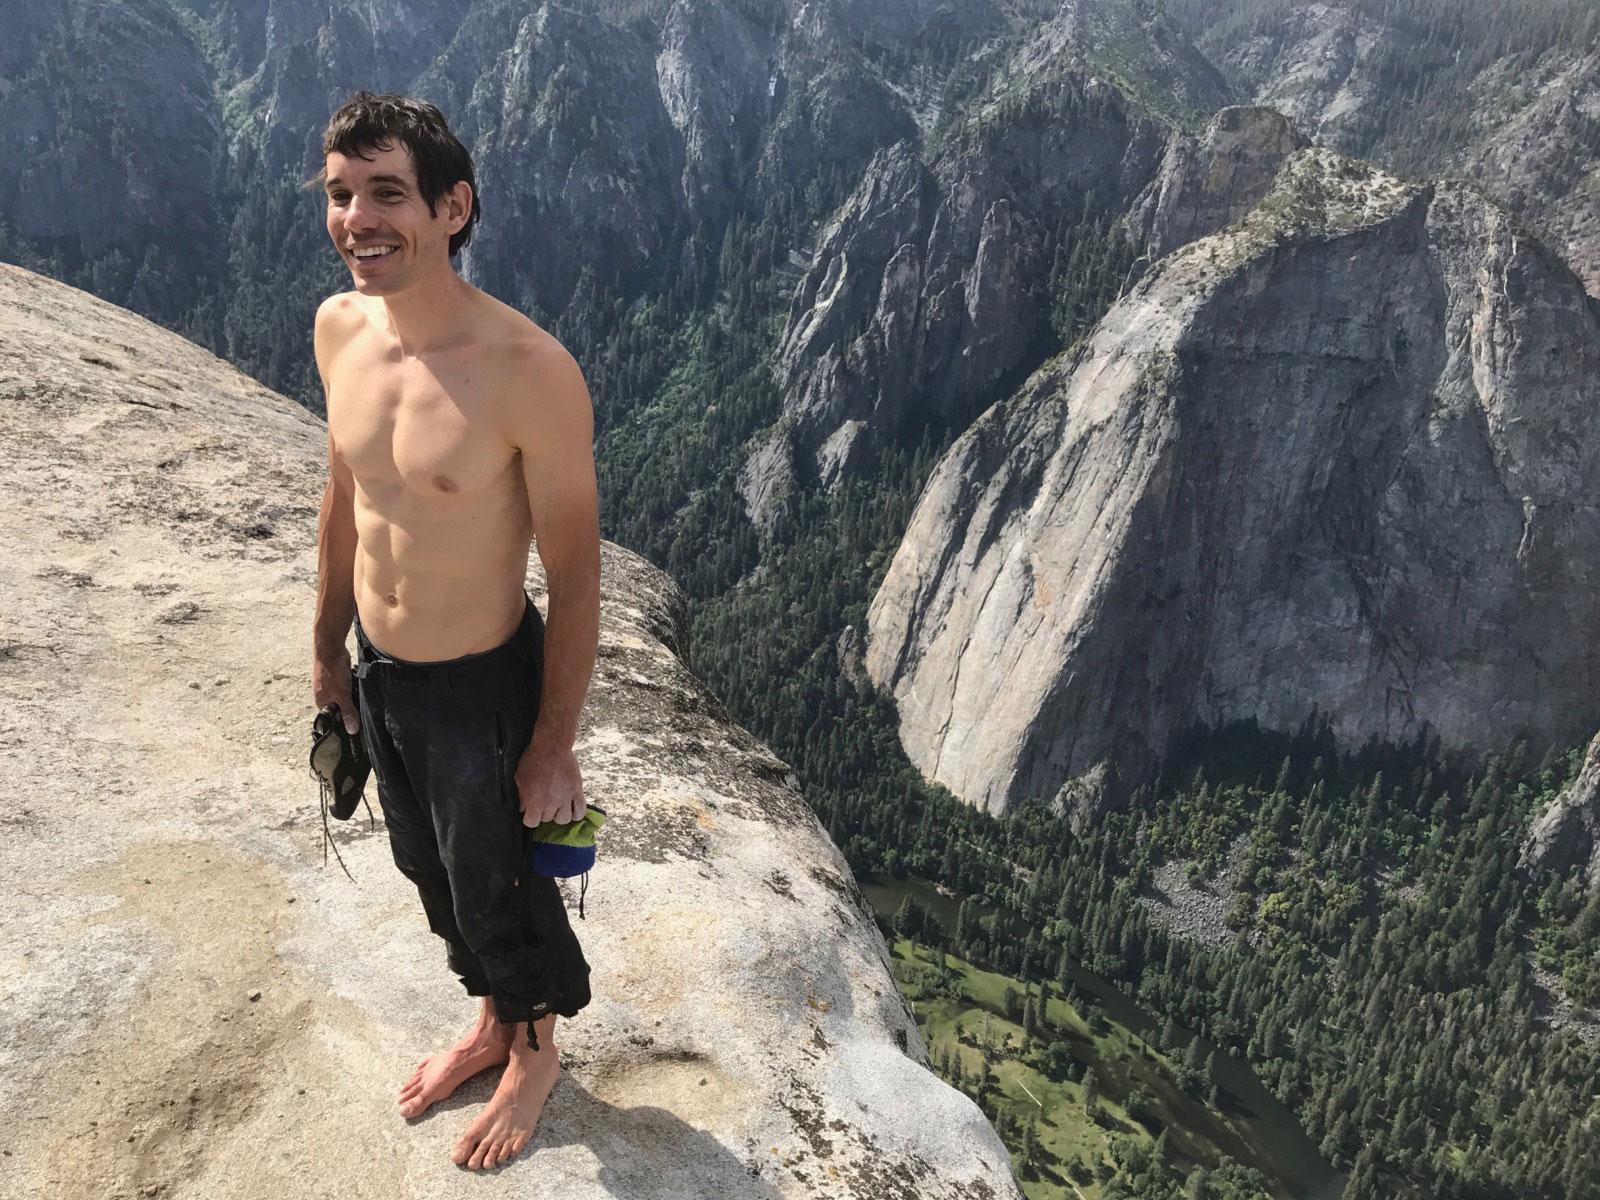 Na imagem, Alex Honnold está descalço, segurando seu tênis de escalada. Ele está no topo de um paredão, e sorri para a câmera.